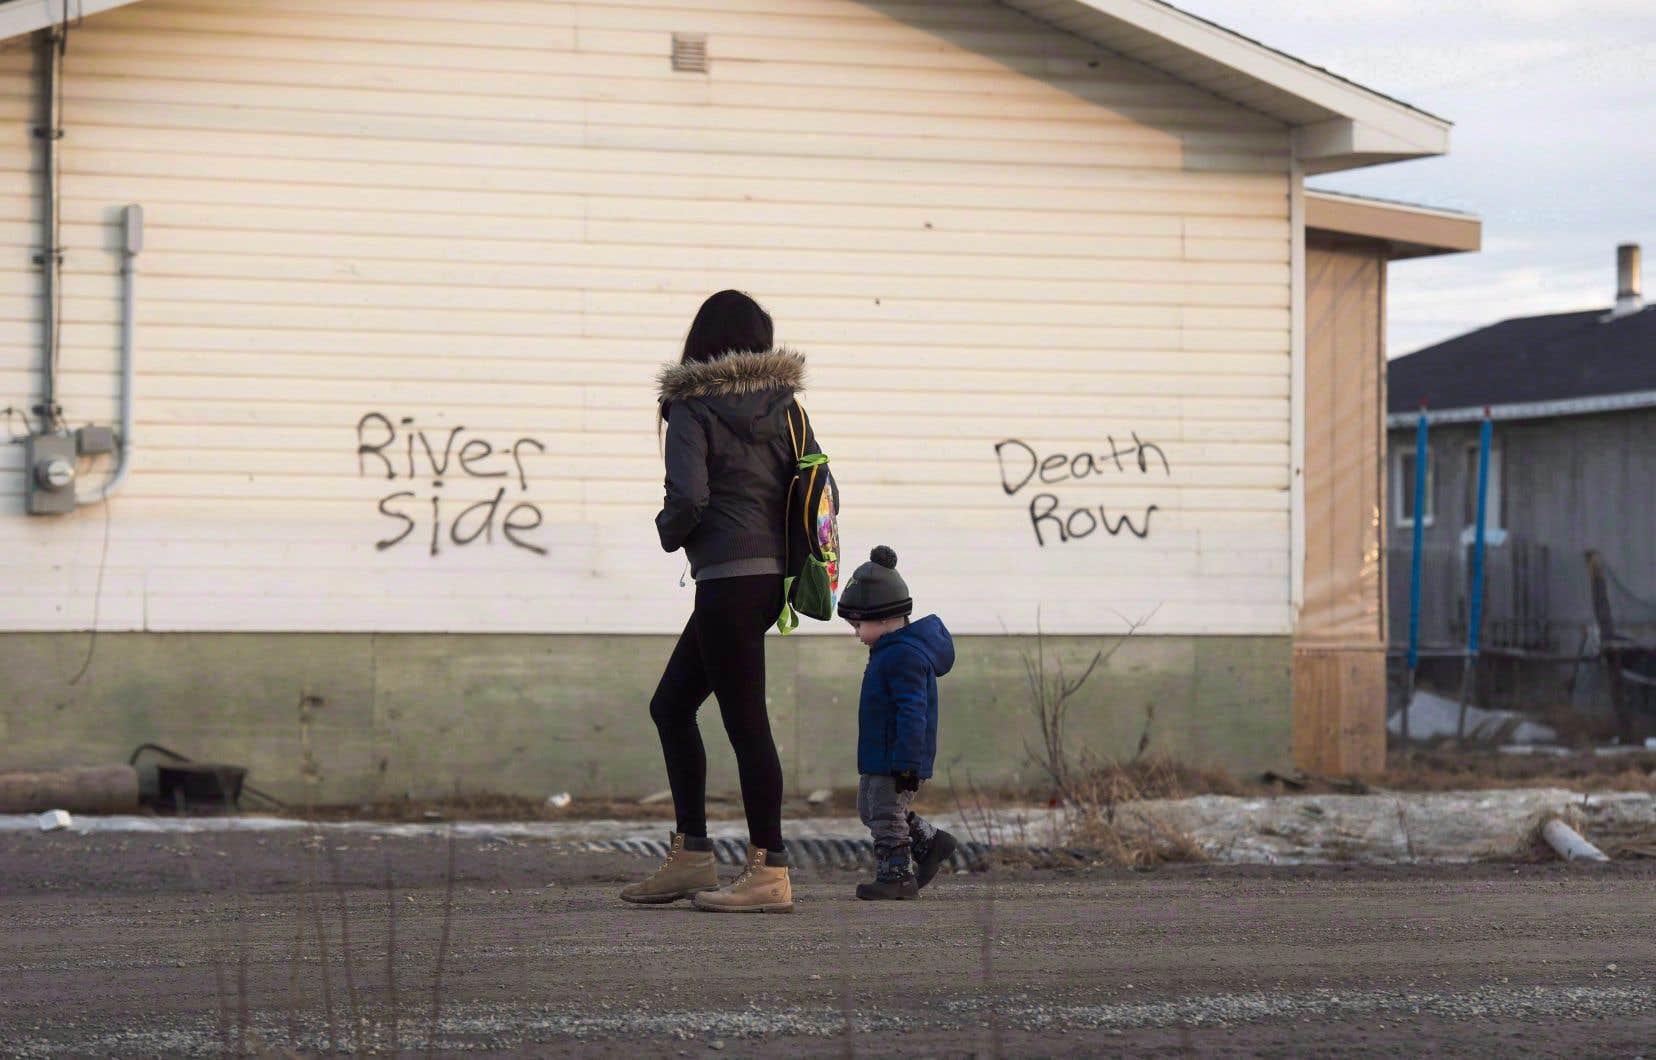 Le taux d'enfants autochtones pris en charge par le Directeur de la protection de la jeunesse est presque huit fois plus élevé que dans le reste de la population.